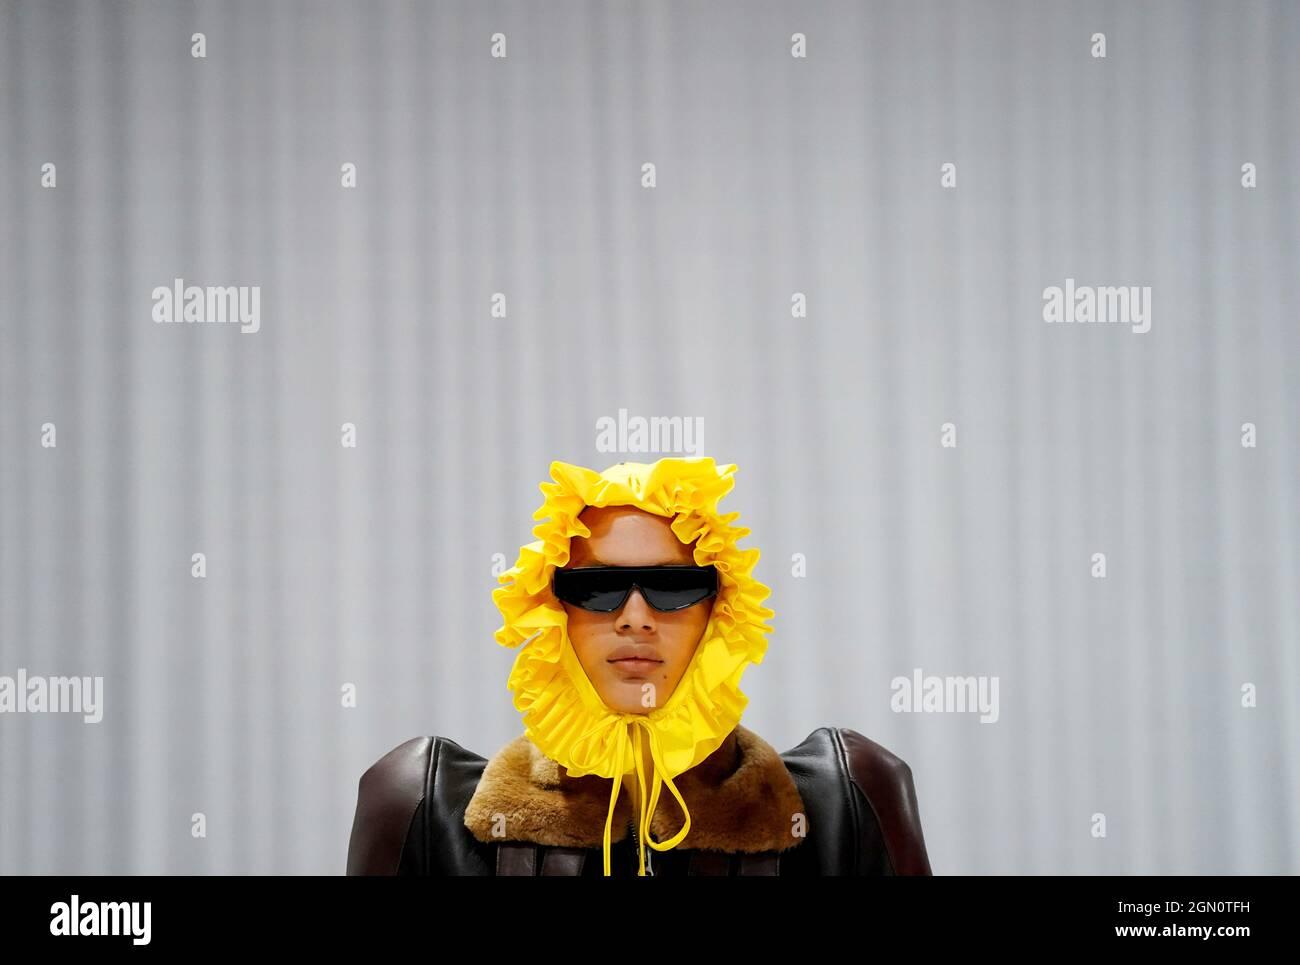 I modelli appaiono sulla passerella durante la London Fashion Week 2021 Richard Quinn show tenuto al Londoner Hotel, Leicester Square, Londra. Data foto: Martedì 21 settembre 2021. Foto Stock